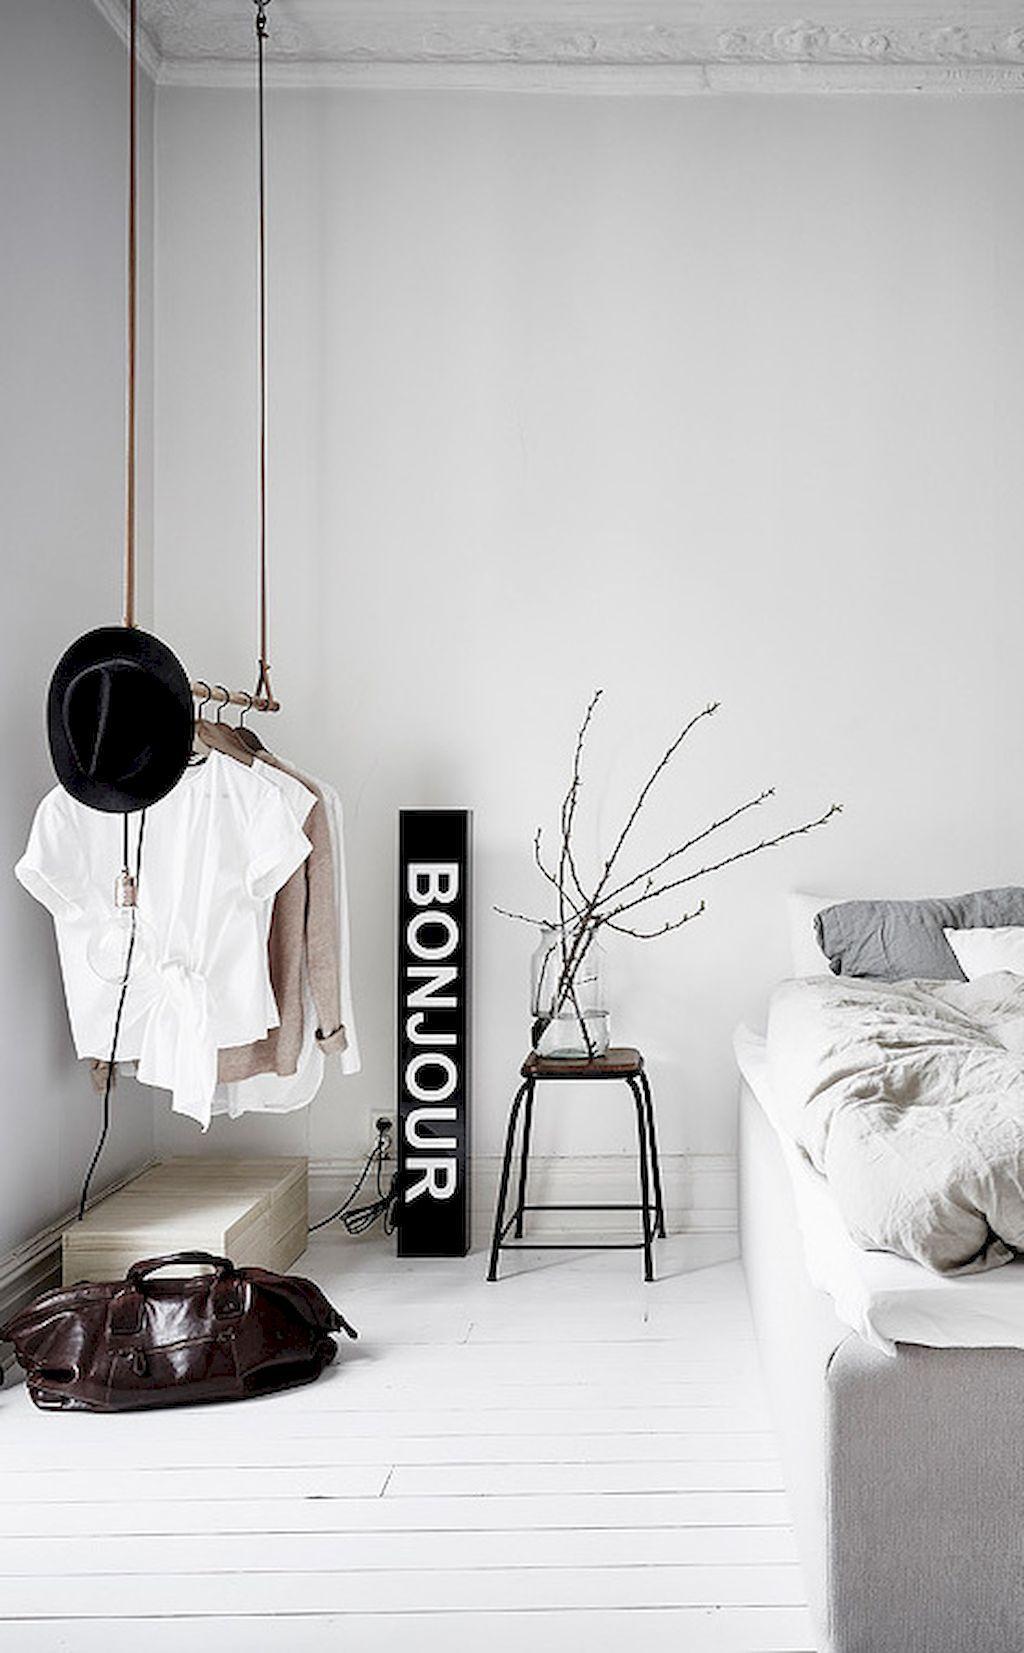 65 Genius Minimalist Home Decor Ideas | Minimalist, Floating wall ...